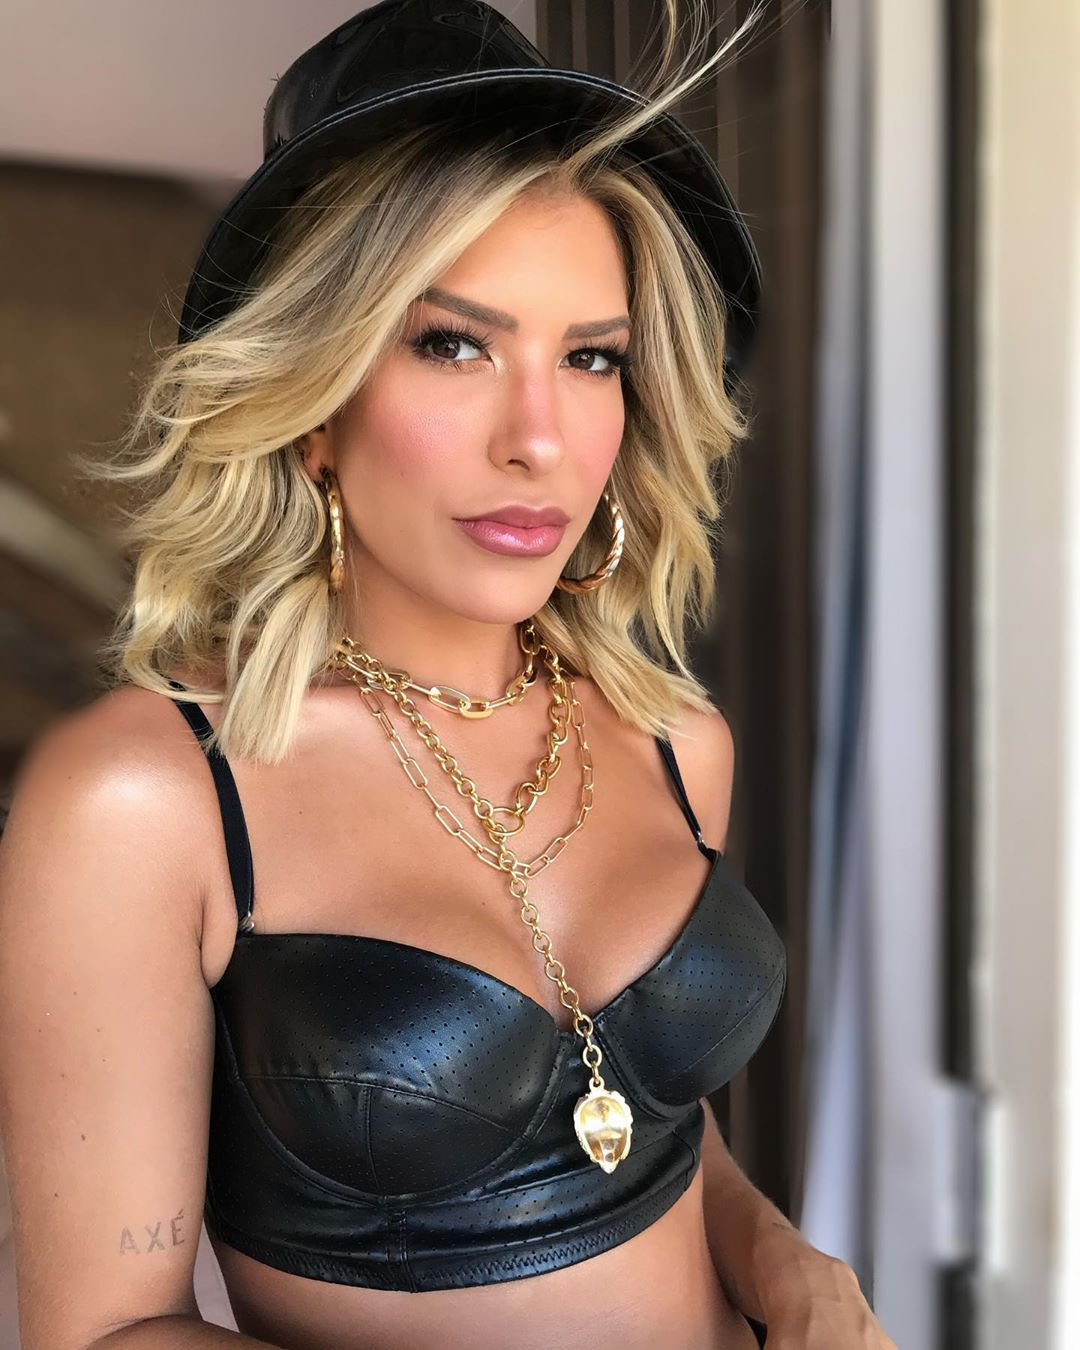 A famosa ex-dançarina do Faustão, da Globo, Lore Improta voltou a se tornar um dos assuntos mais comentados da internet ao falar sobre o vibrador que foi achado no seu closet (Foto: Reprodução/Instagram)